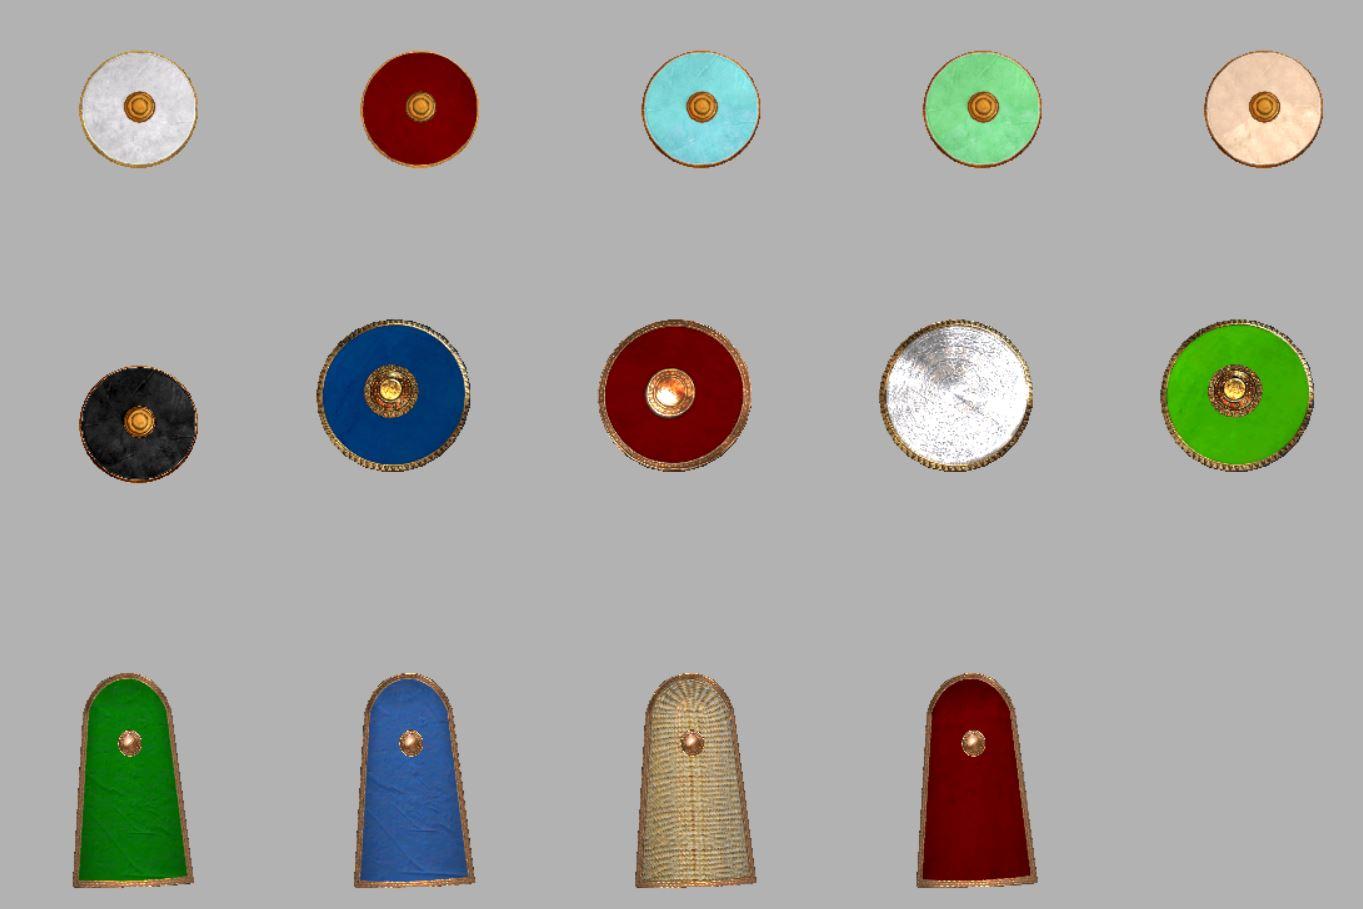 assyrian 612 shields